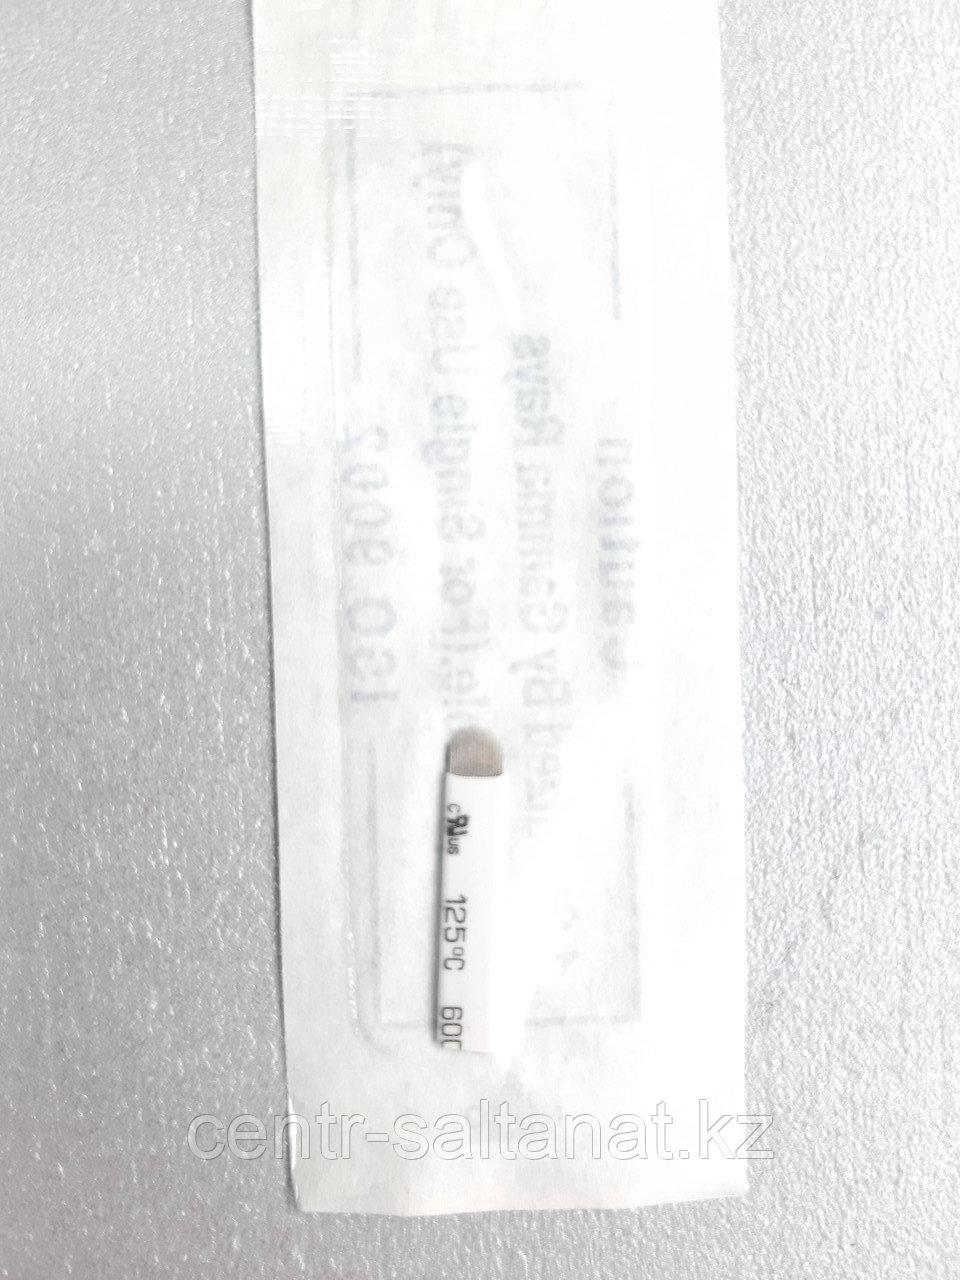 Иглы-лезвие 18U для микроблейдинга бровей